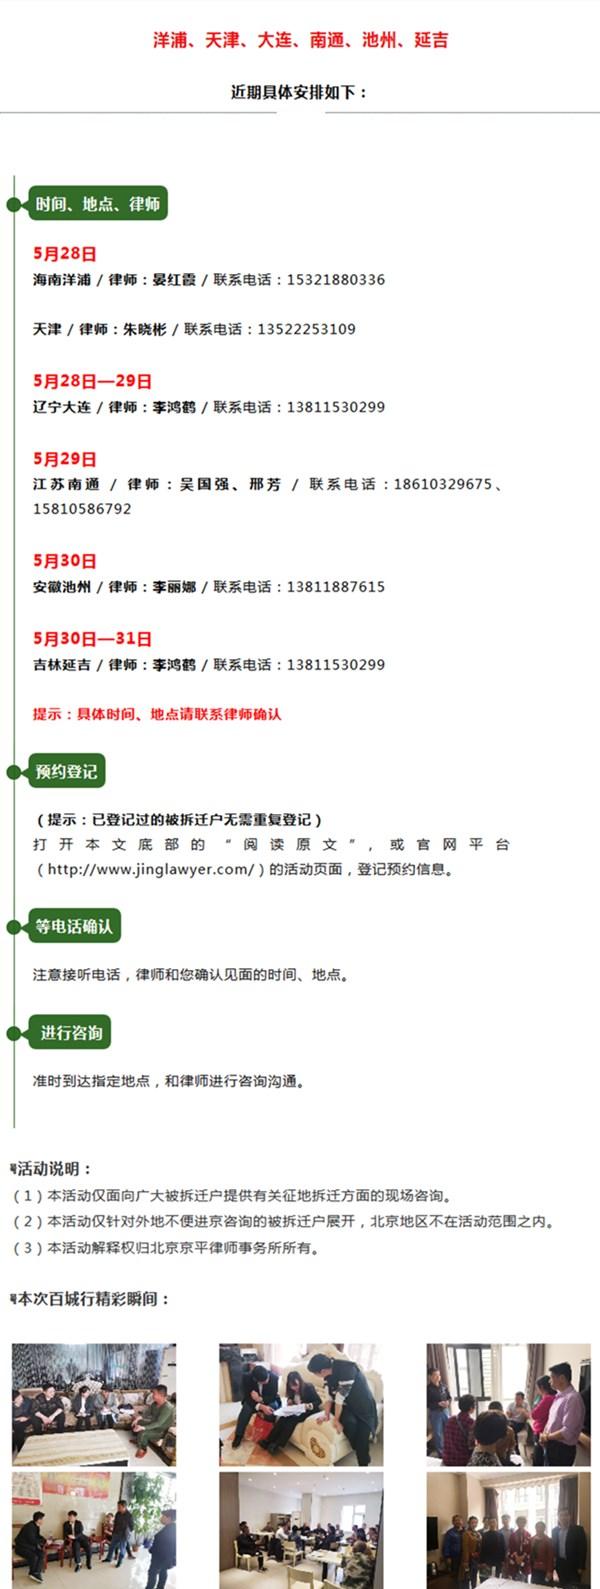 洋浦、天津、大连、南通!5月28、29日京平律师百城行火热预约中